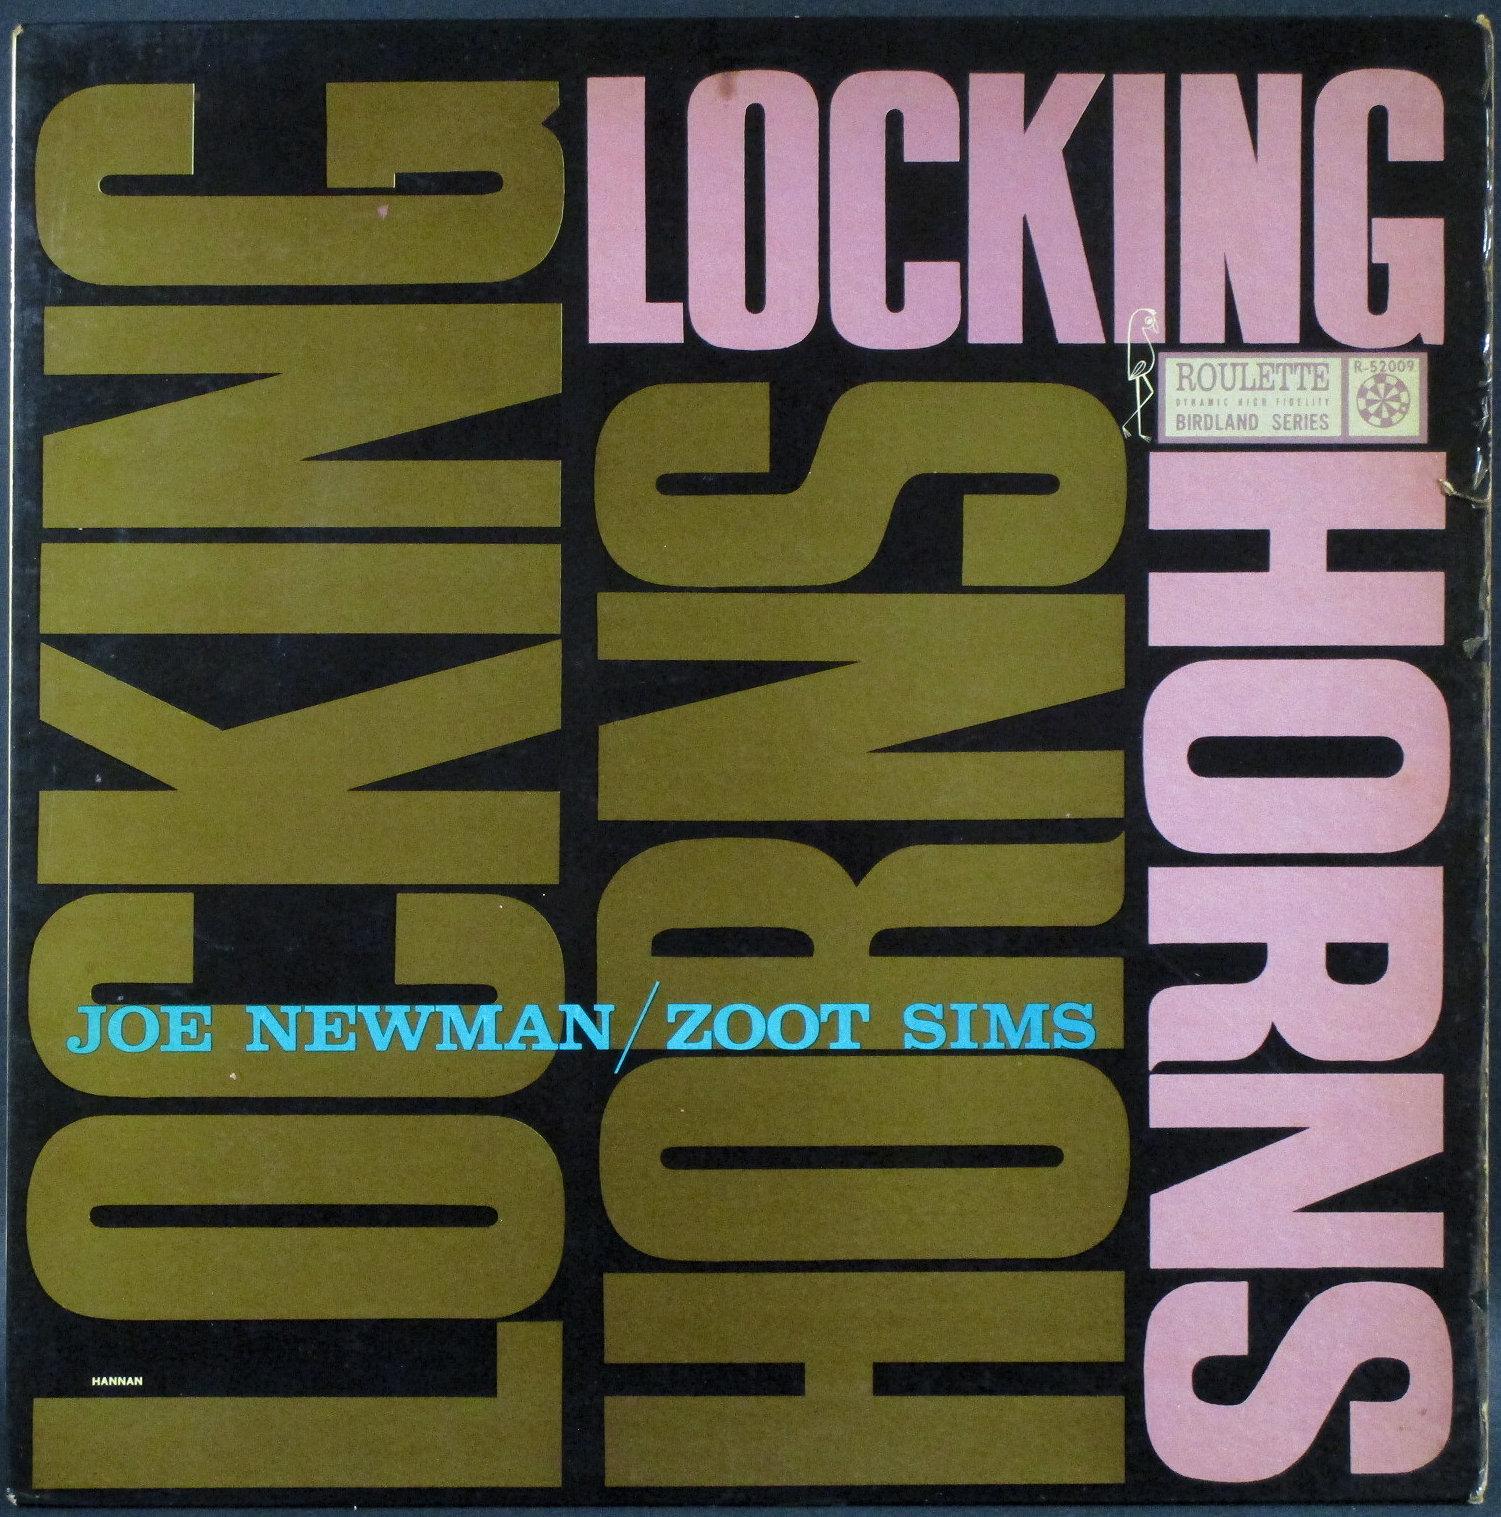 Joe Newman, Zoot Sims ジョー・ニューマン、ズート・シムズ / Locking Horns